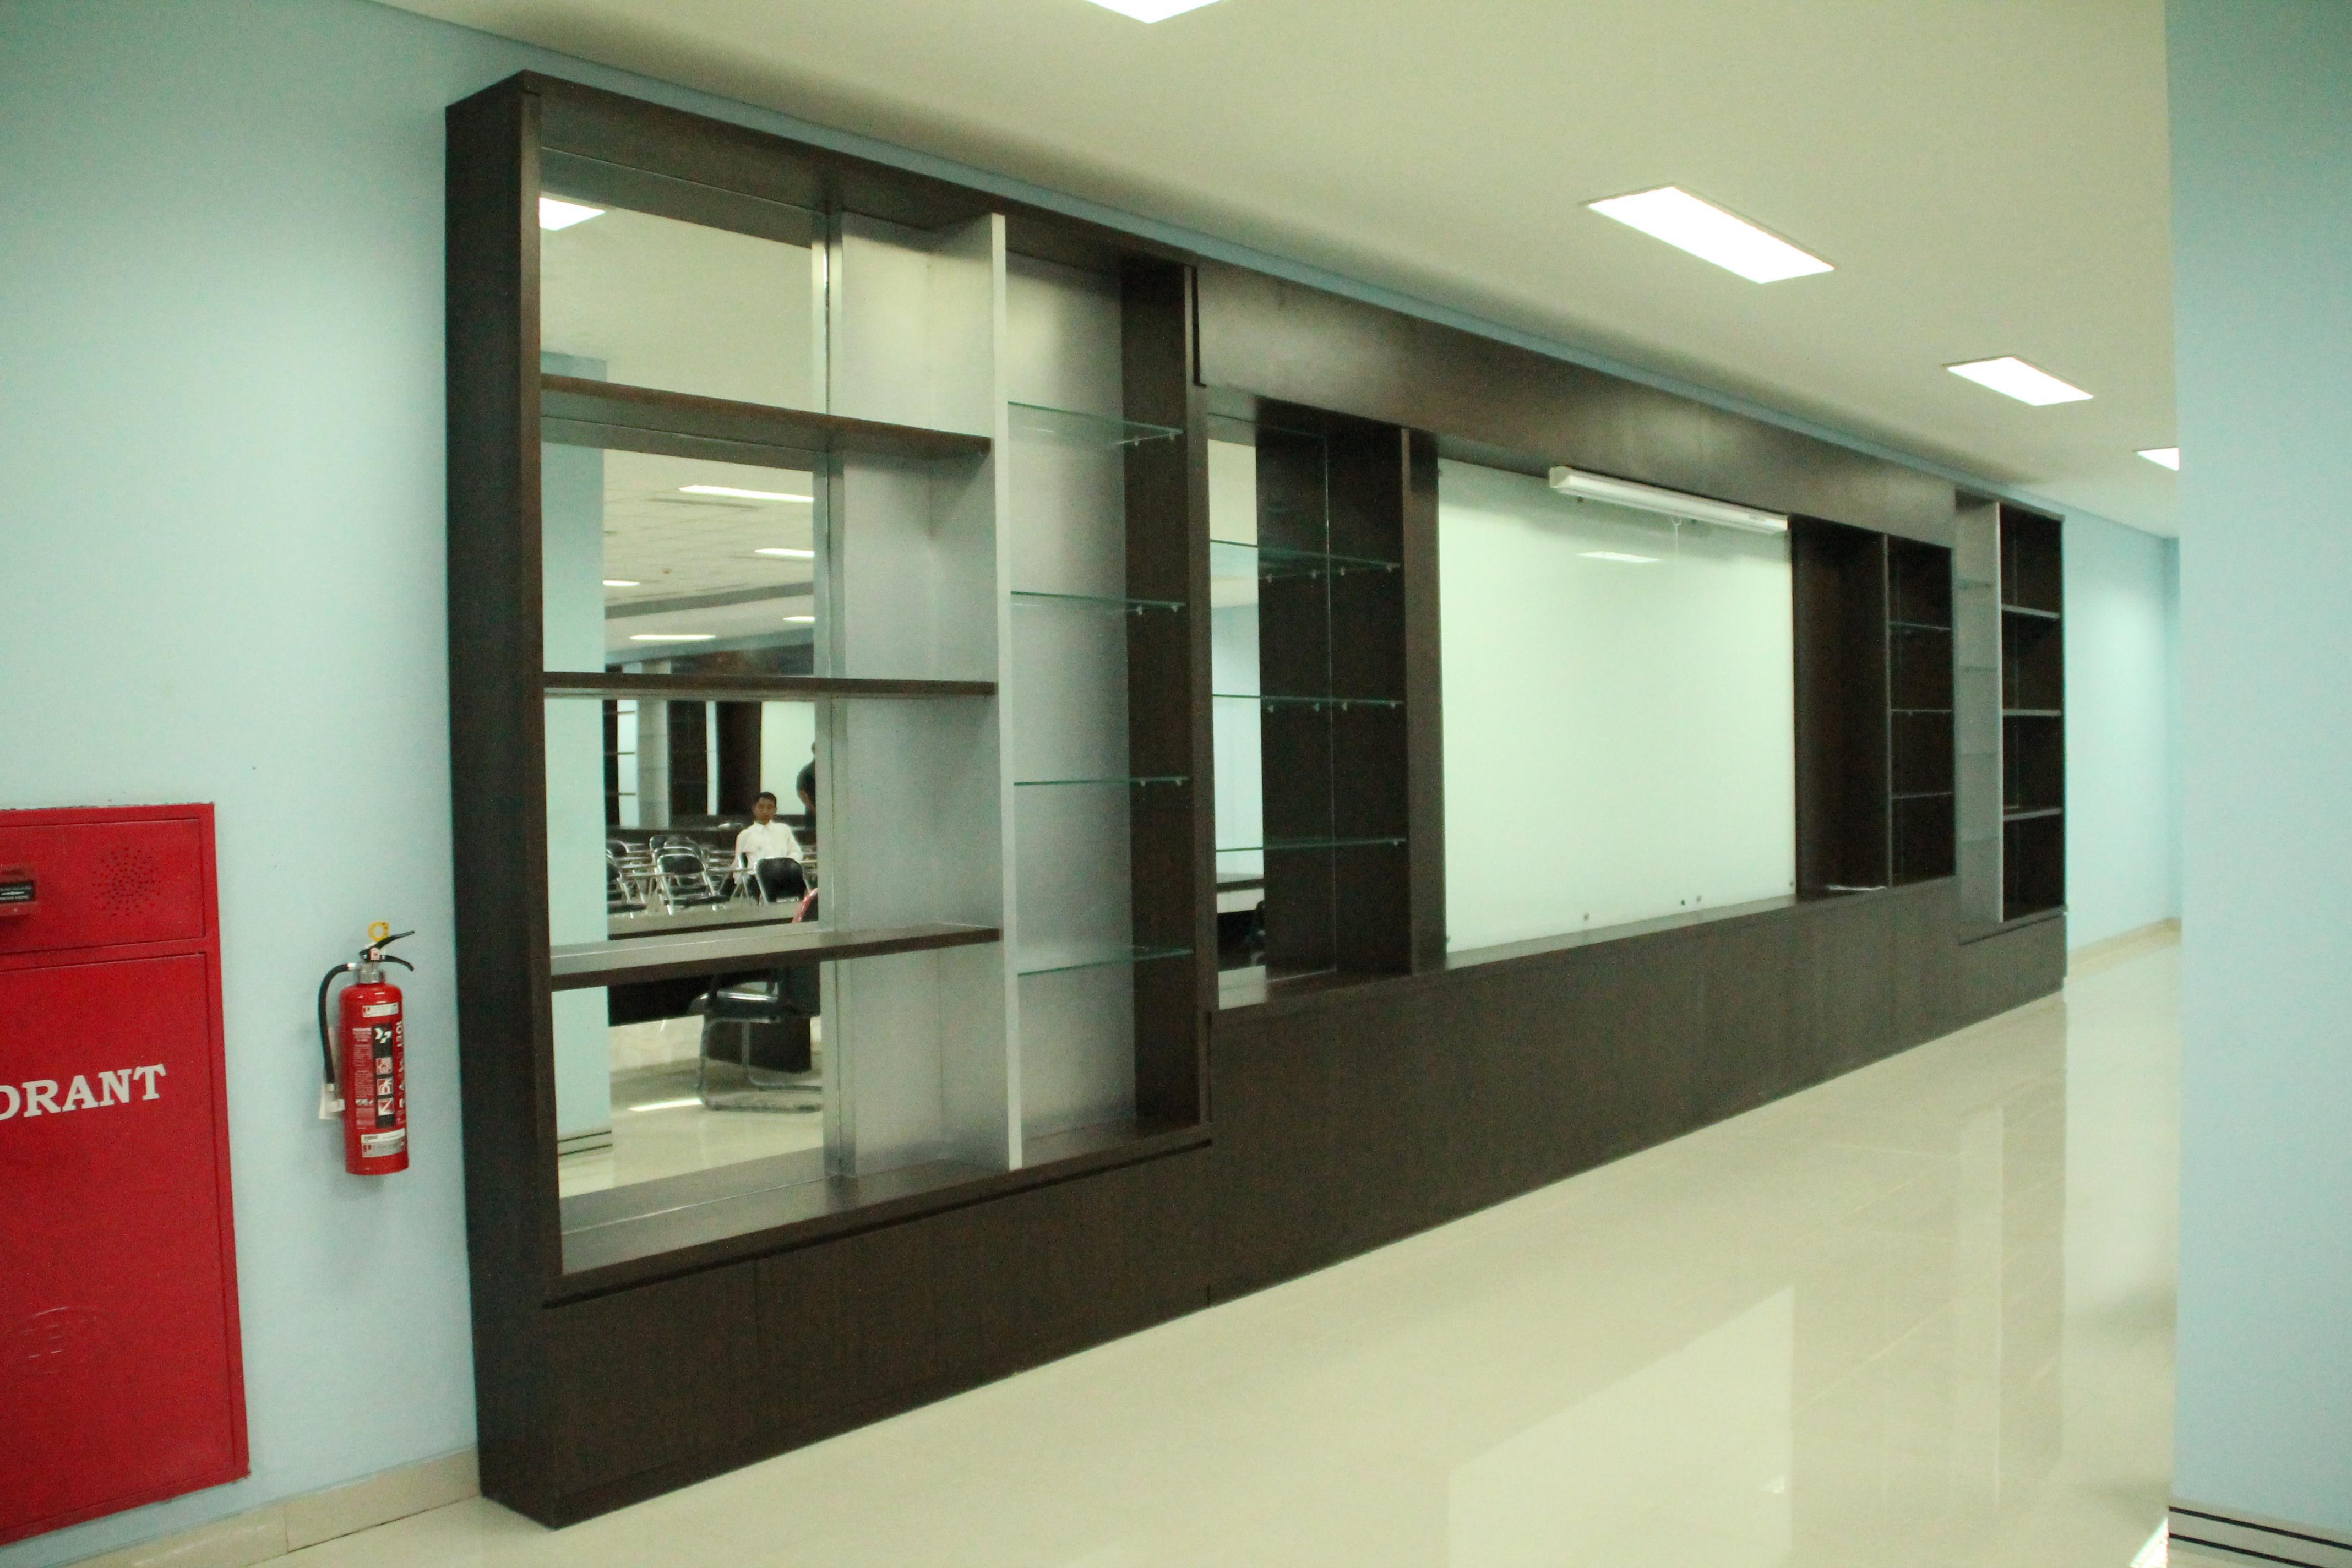 interior design office photos. Interior Design Juga Menyuguhkan Penampilan Kantor Yang Lebih Professional, Terlihat Kredibel Dan Terpercaya. Office Photos